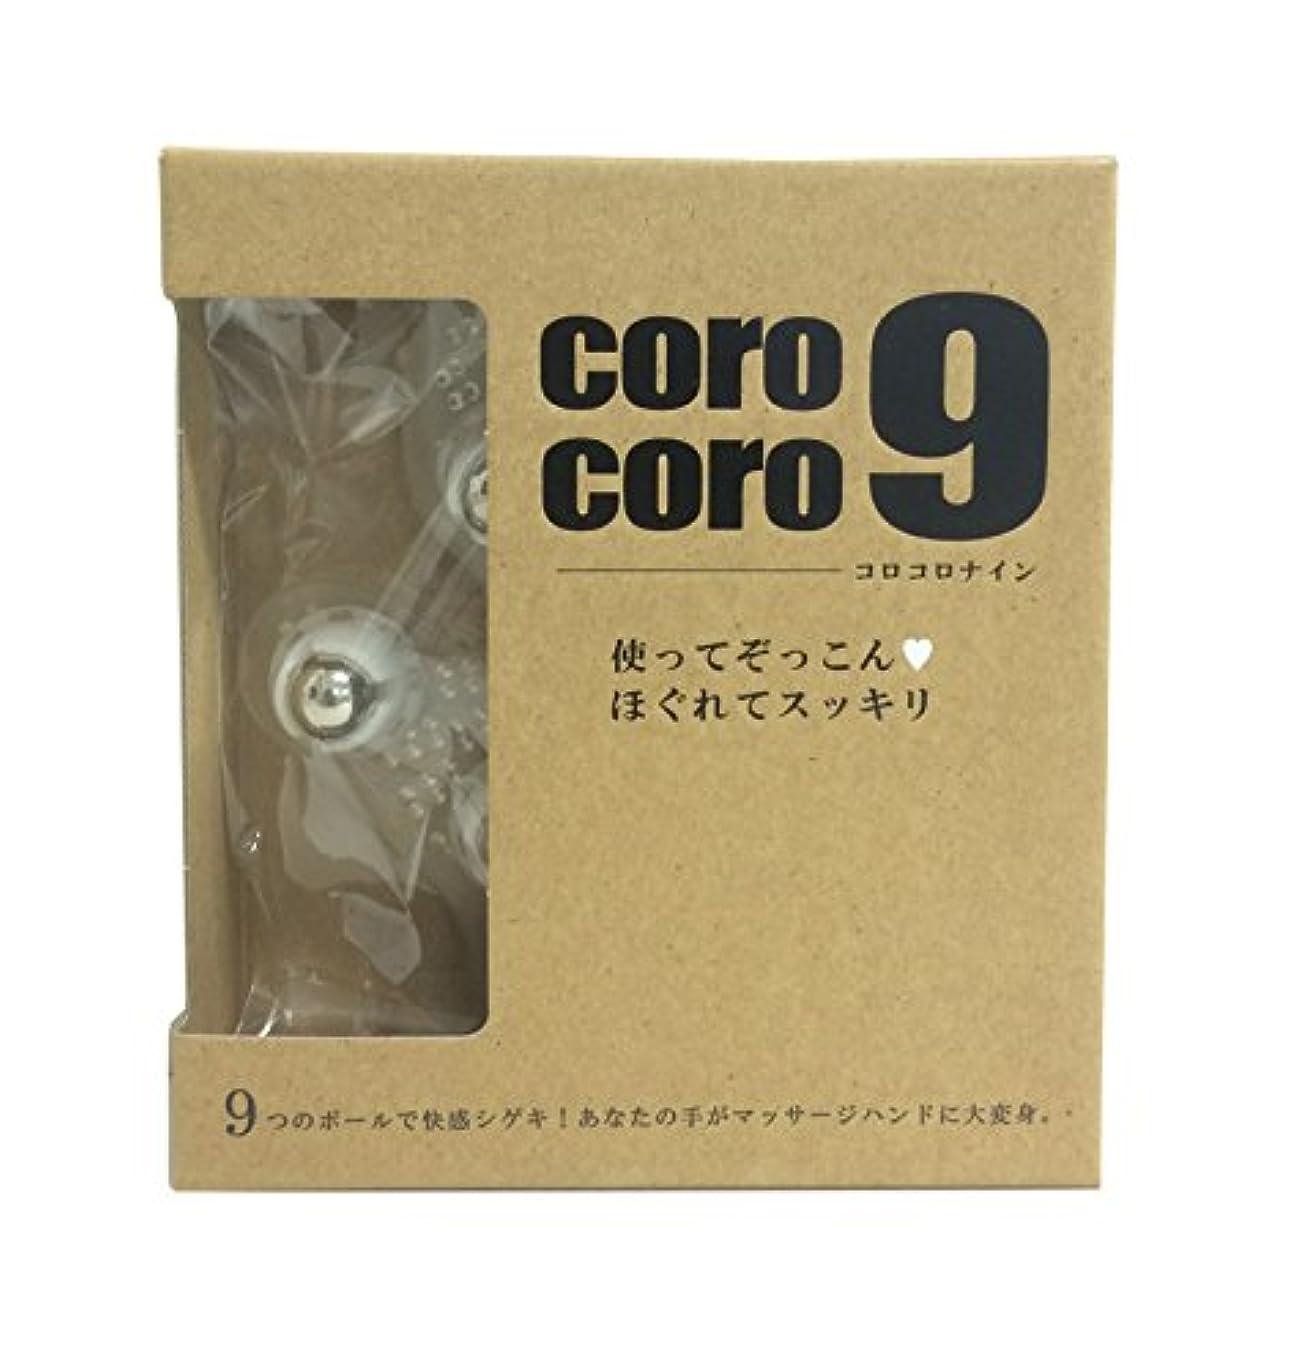 腐食する下る被害者Reシリーズ CoroCoro9 クリア